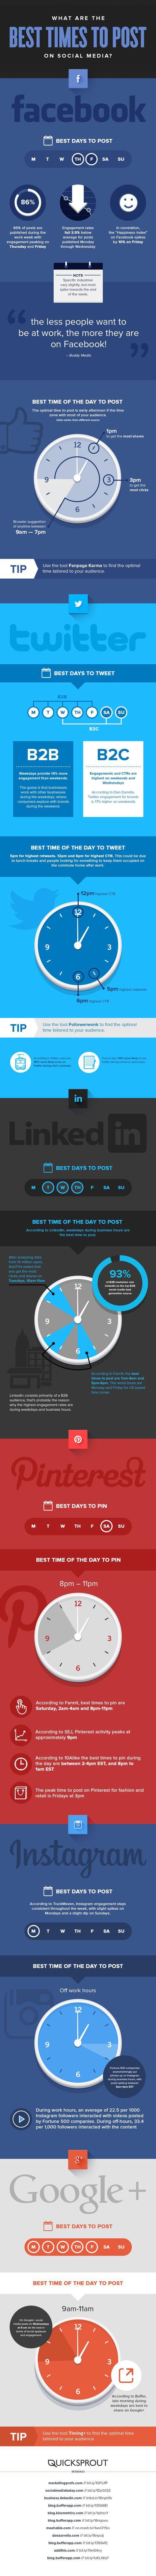 #Infografik: Postingstrategie für #SocialMedia – Top Tage und Uhrzeiten für Postings via #Facebook, #Twitter